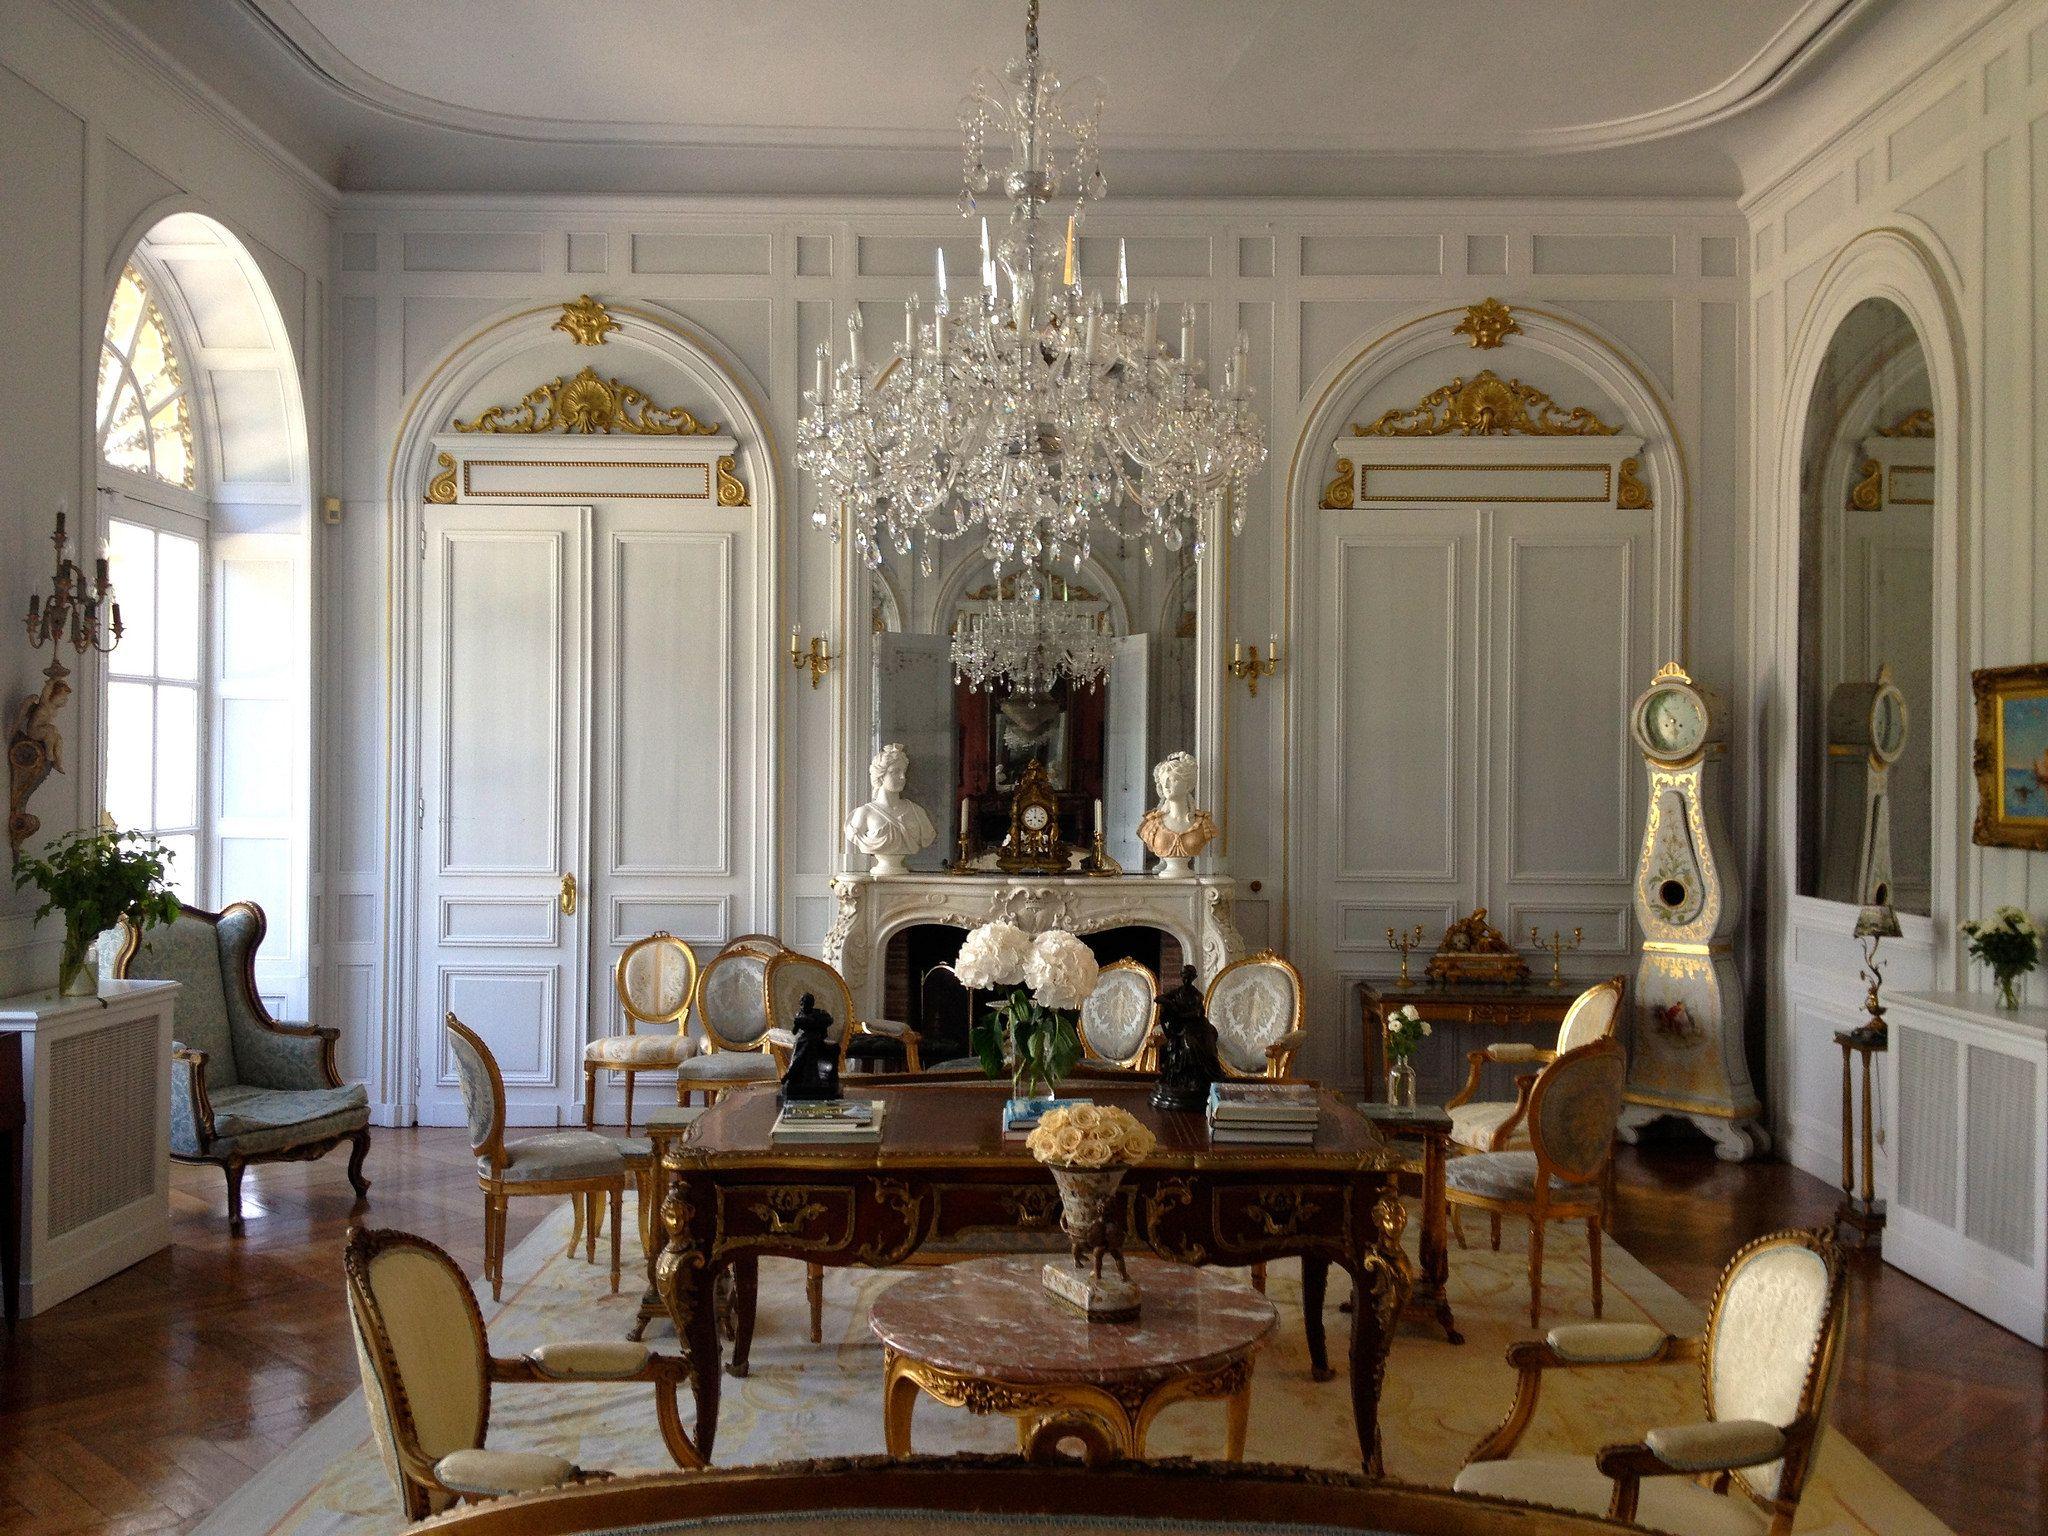 Chateau la durantie le manoir maisons campagnardes et for Maison classique interieur